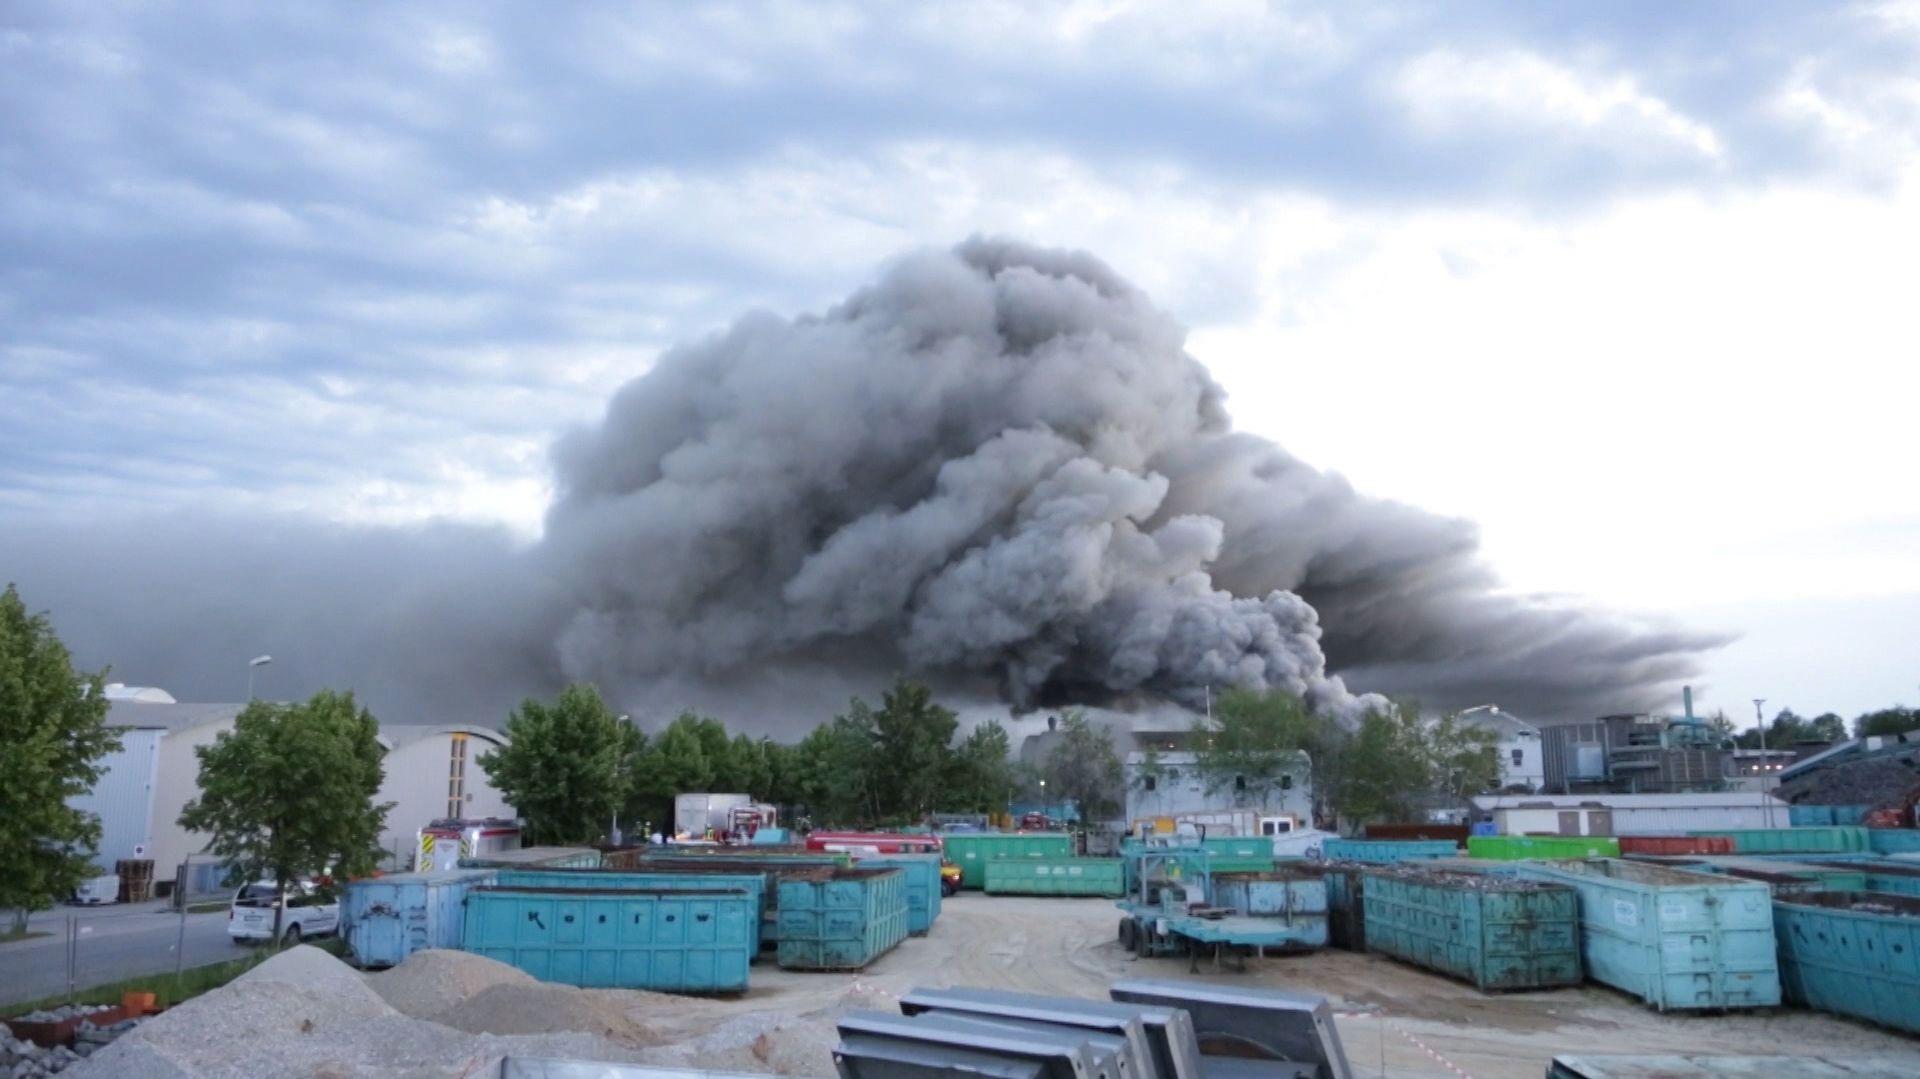 Rauchwolke über einem Recyclinghof in Wörth an der Isar